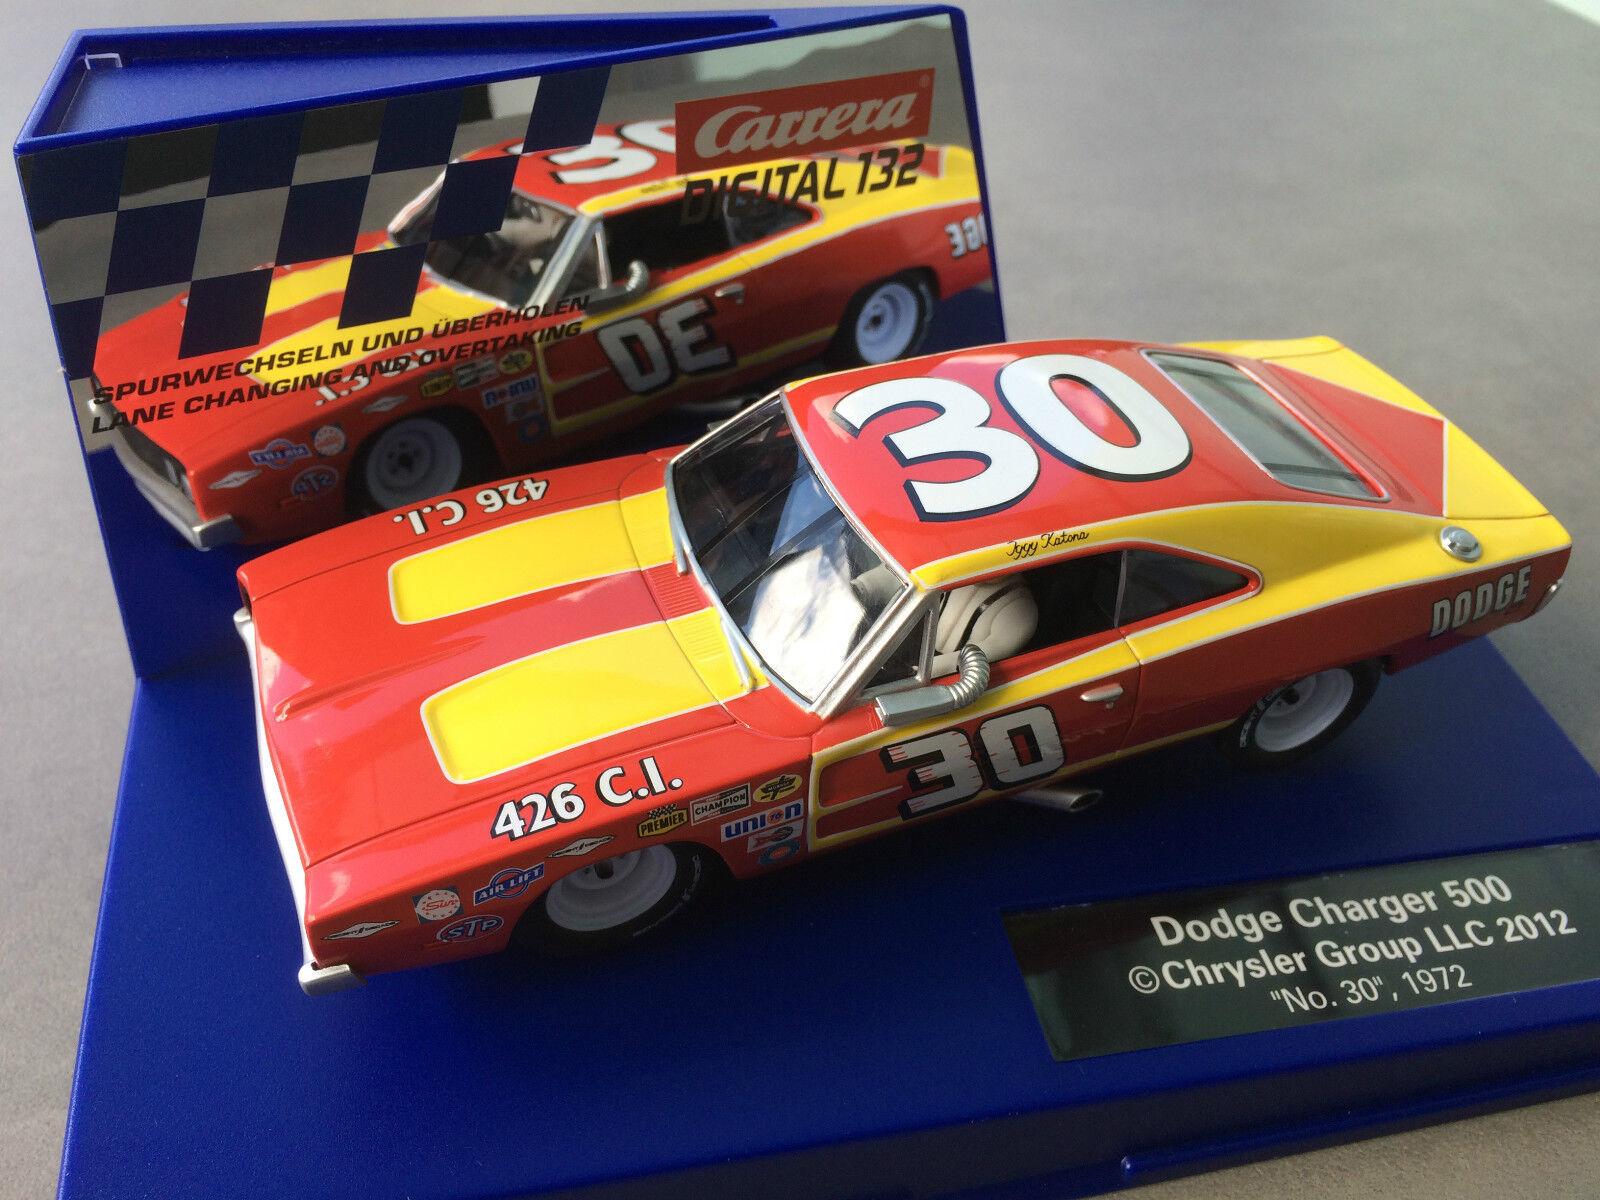 è scontato autorera Digital 132 30604 Dodge Charger 500     Nr. 30  , 1972  vendendo bene in tutto il mondo